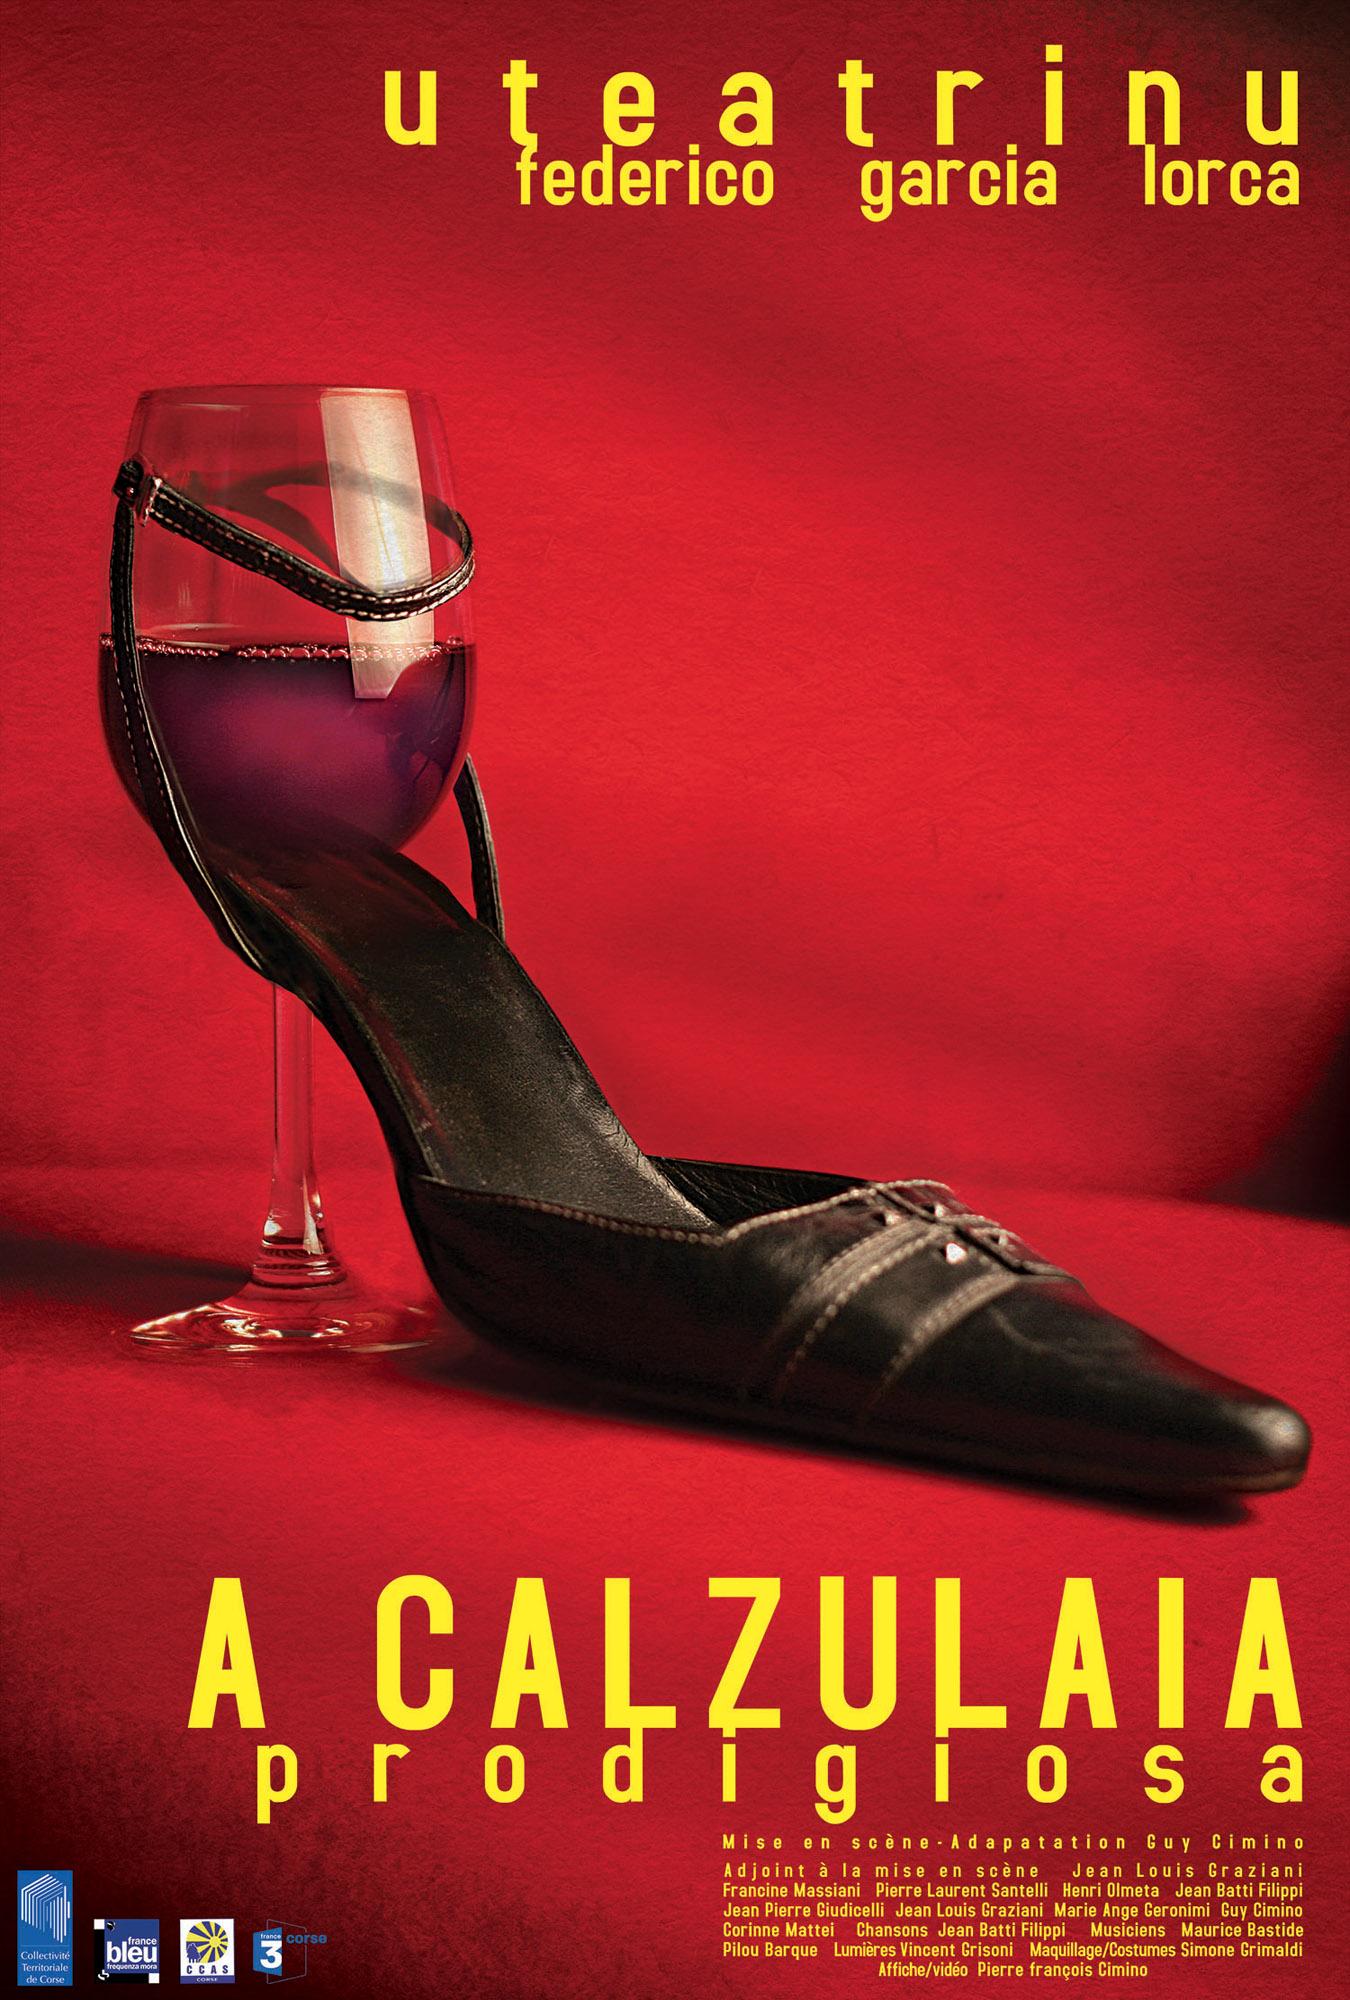 affiche-calzulaia